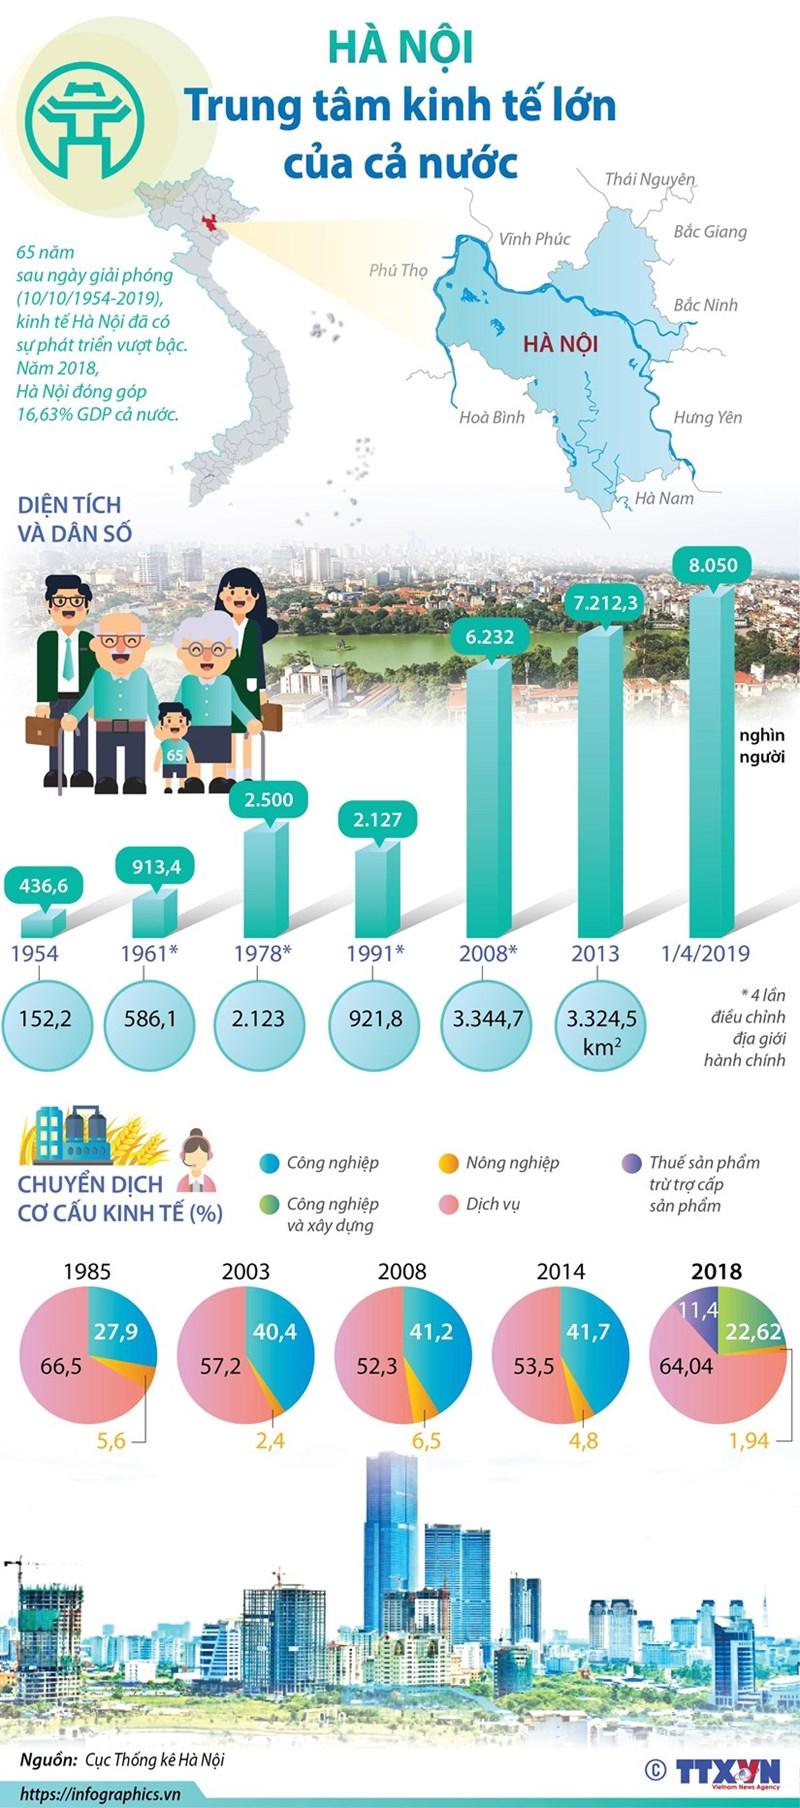 [Infographics] Hà Nội: Trung tâm kinh tế lớn của cả nước - Ảnh 1